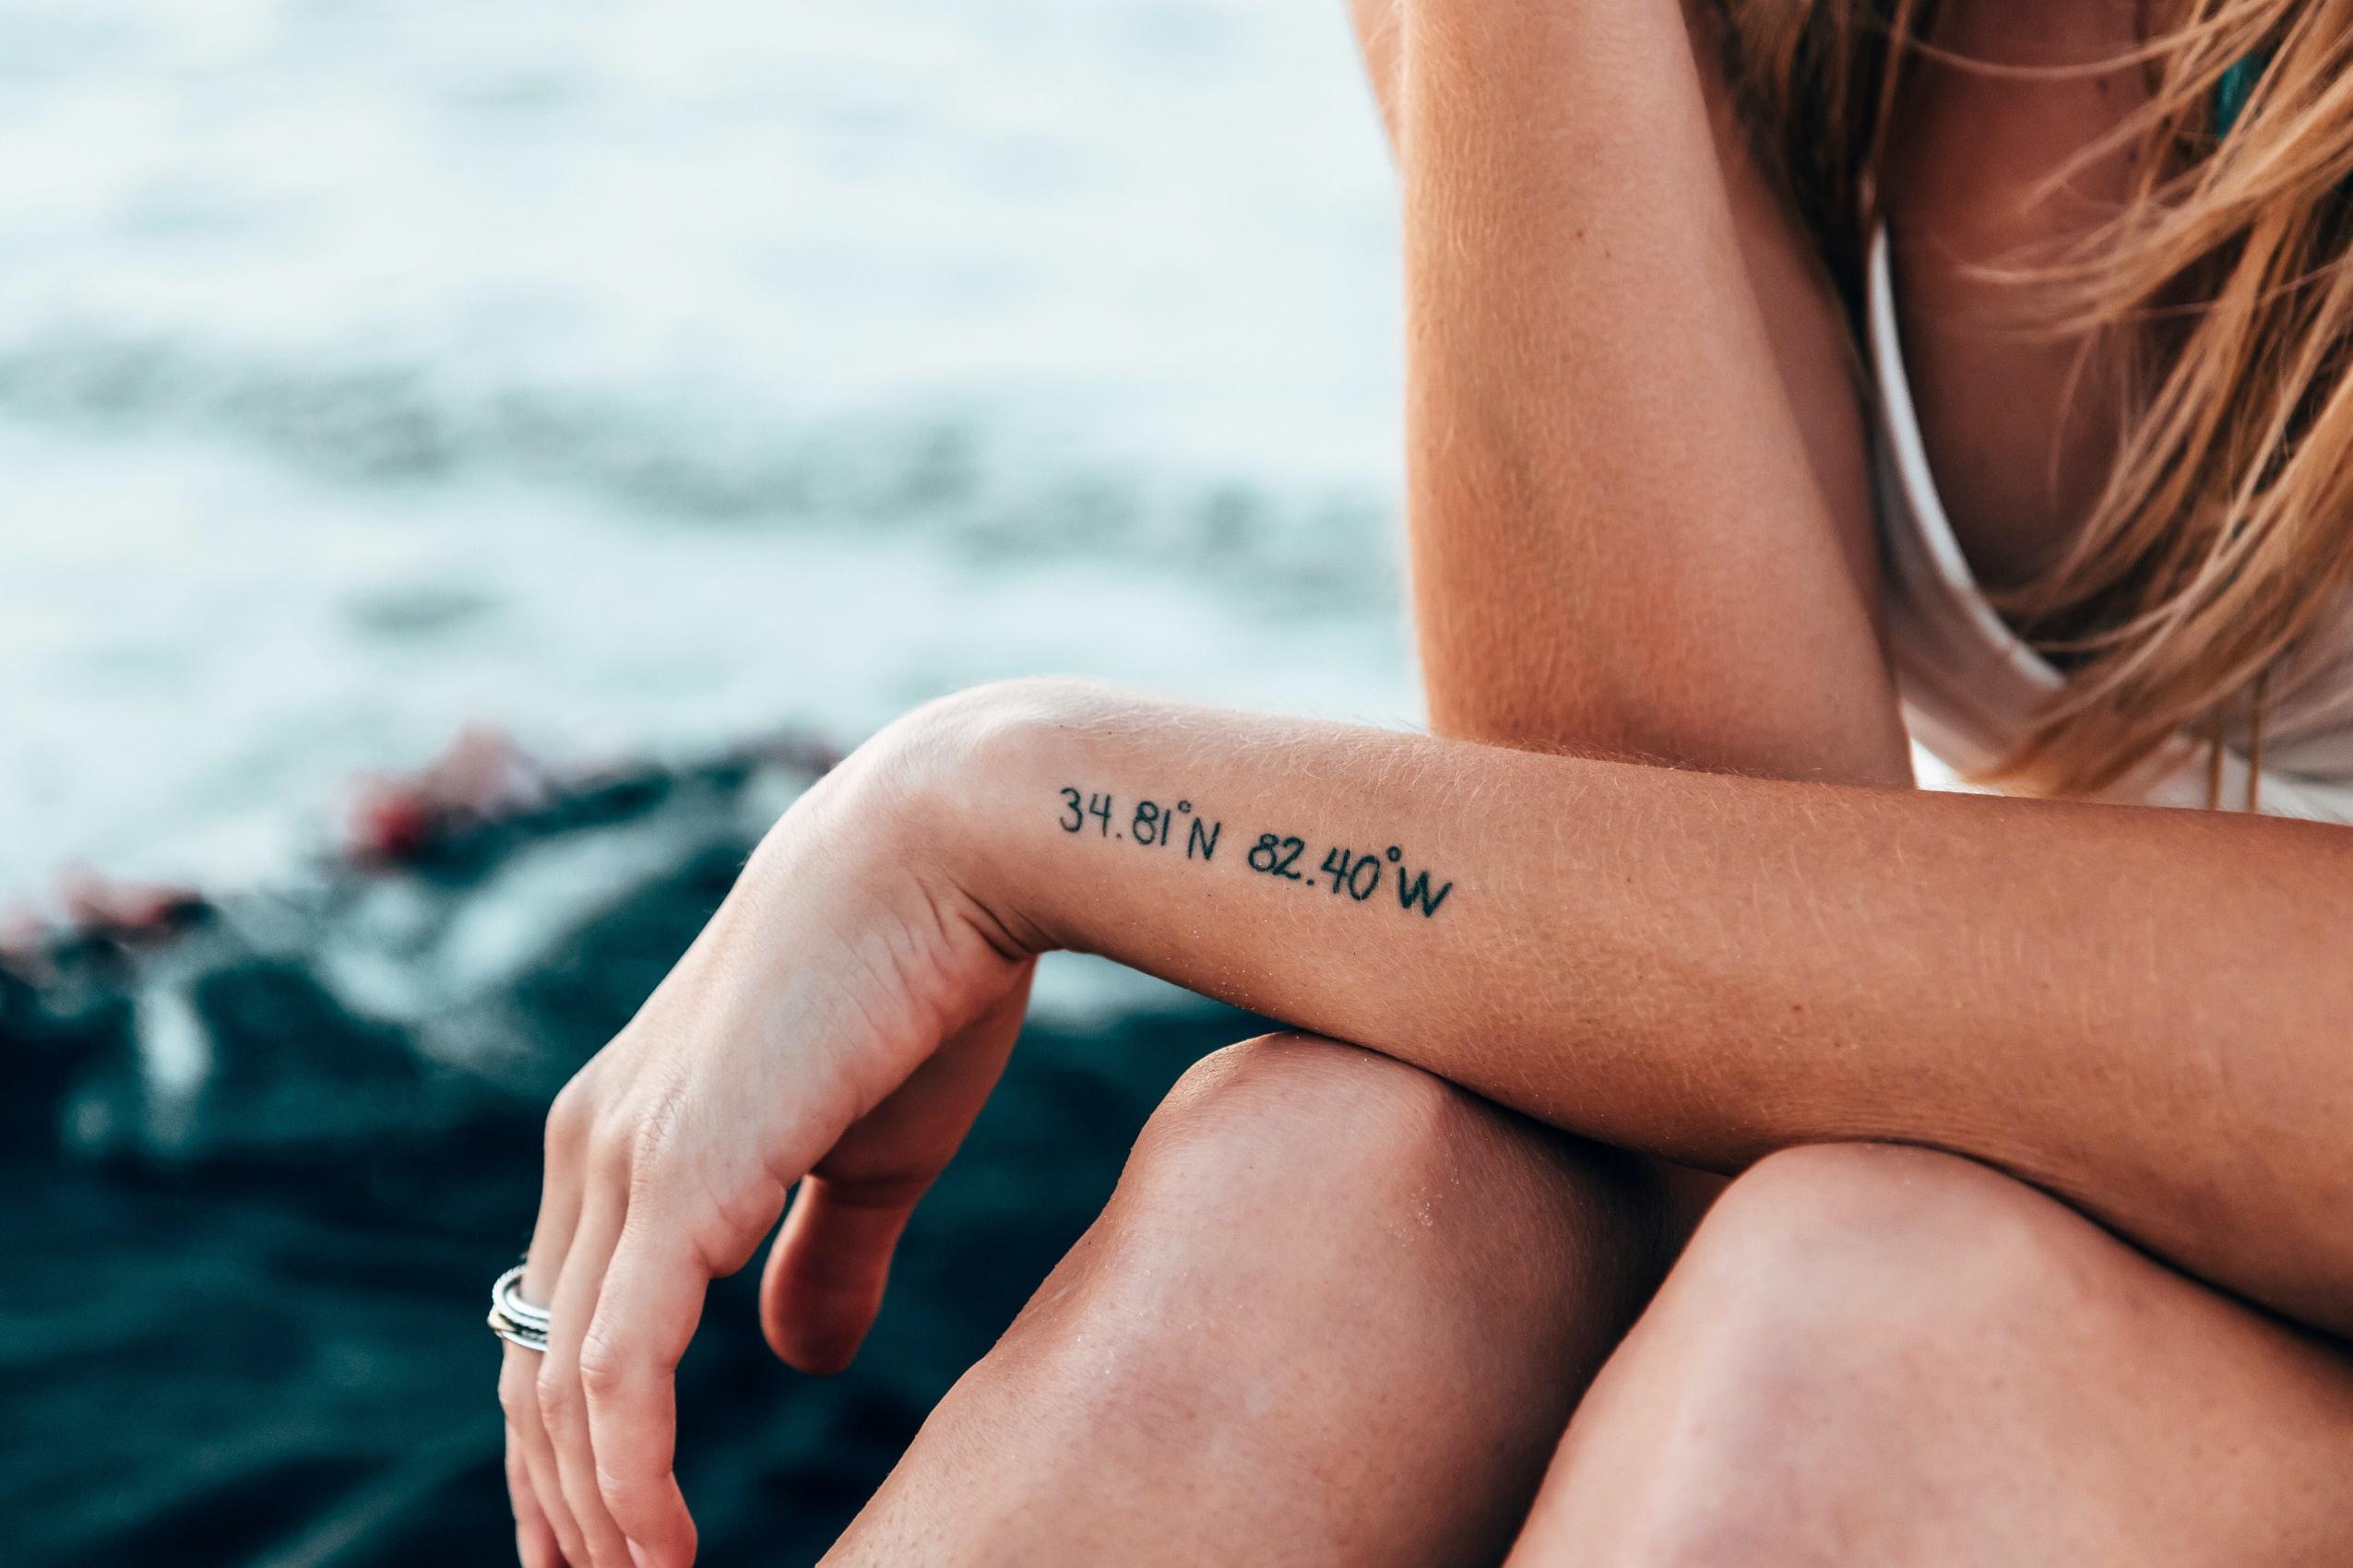 腕にレタリングタトゥーが入った女性